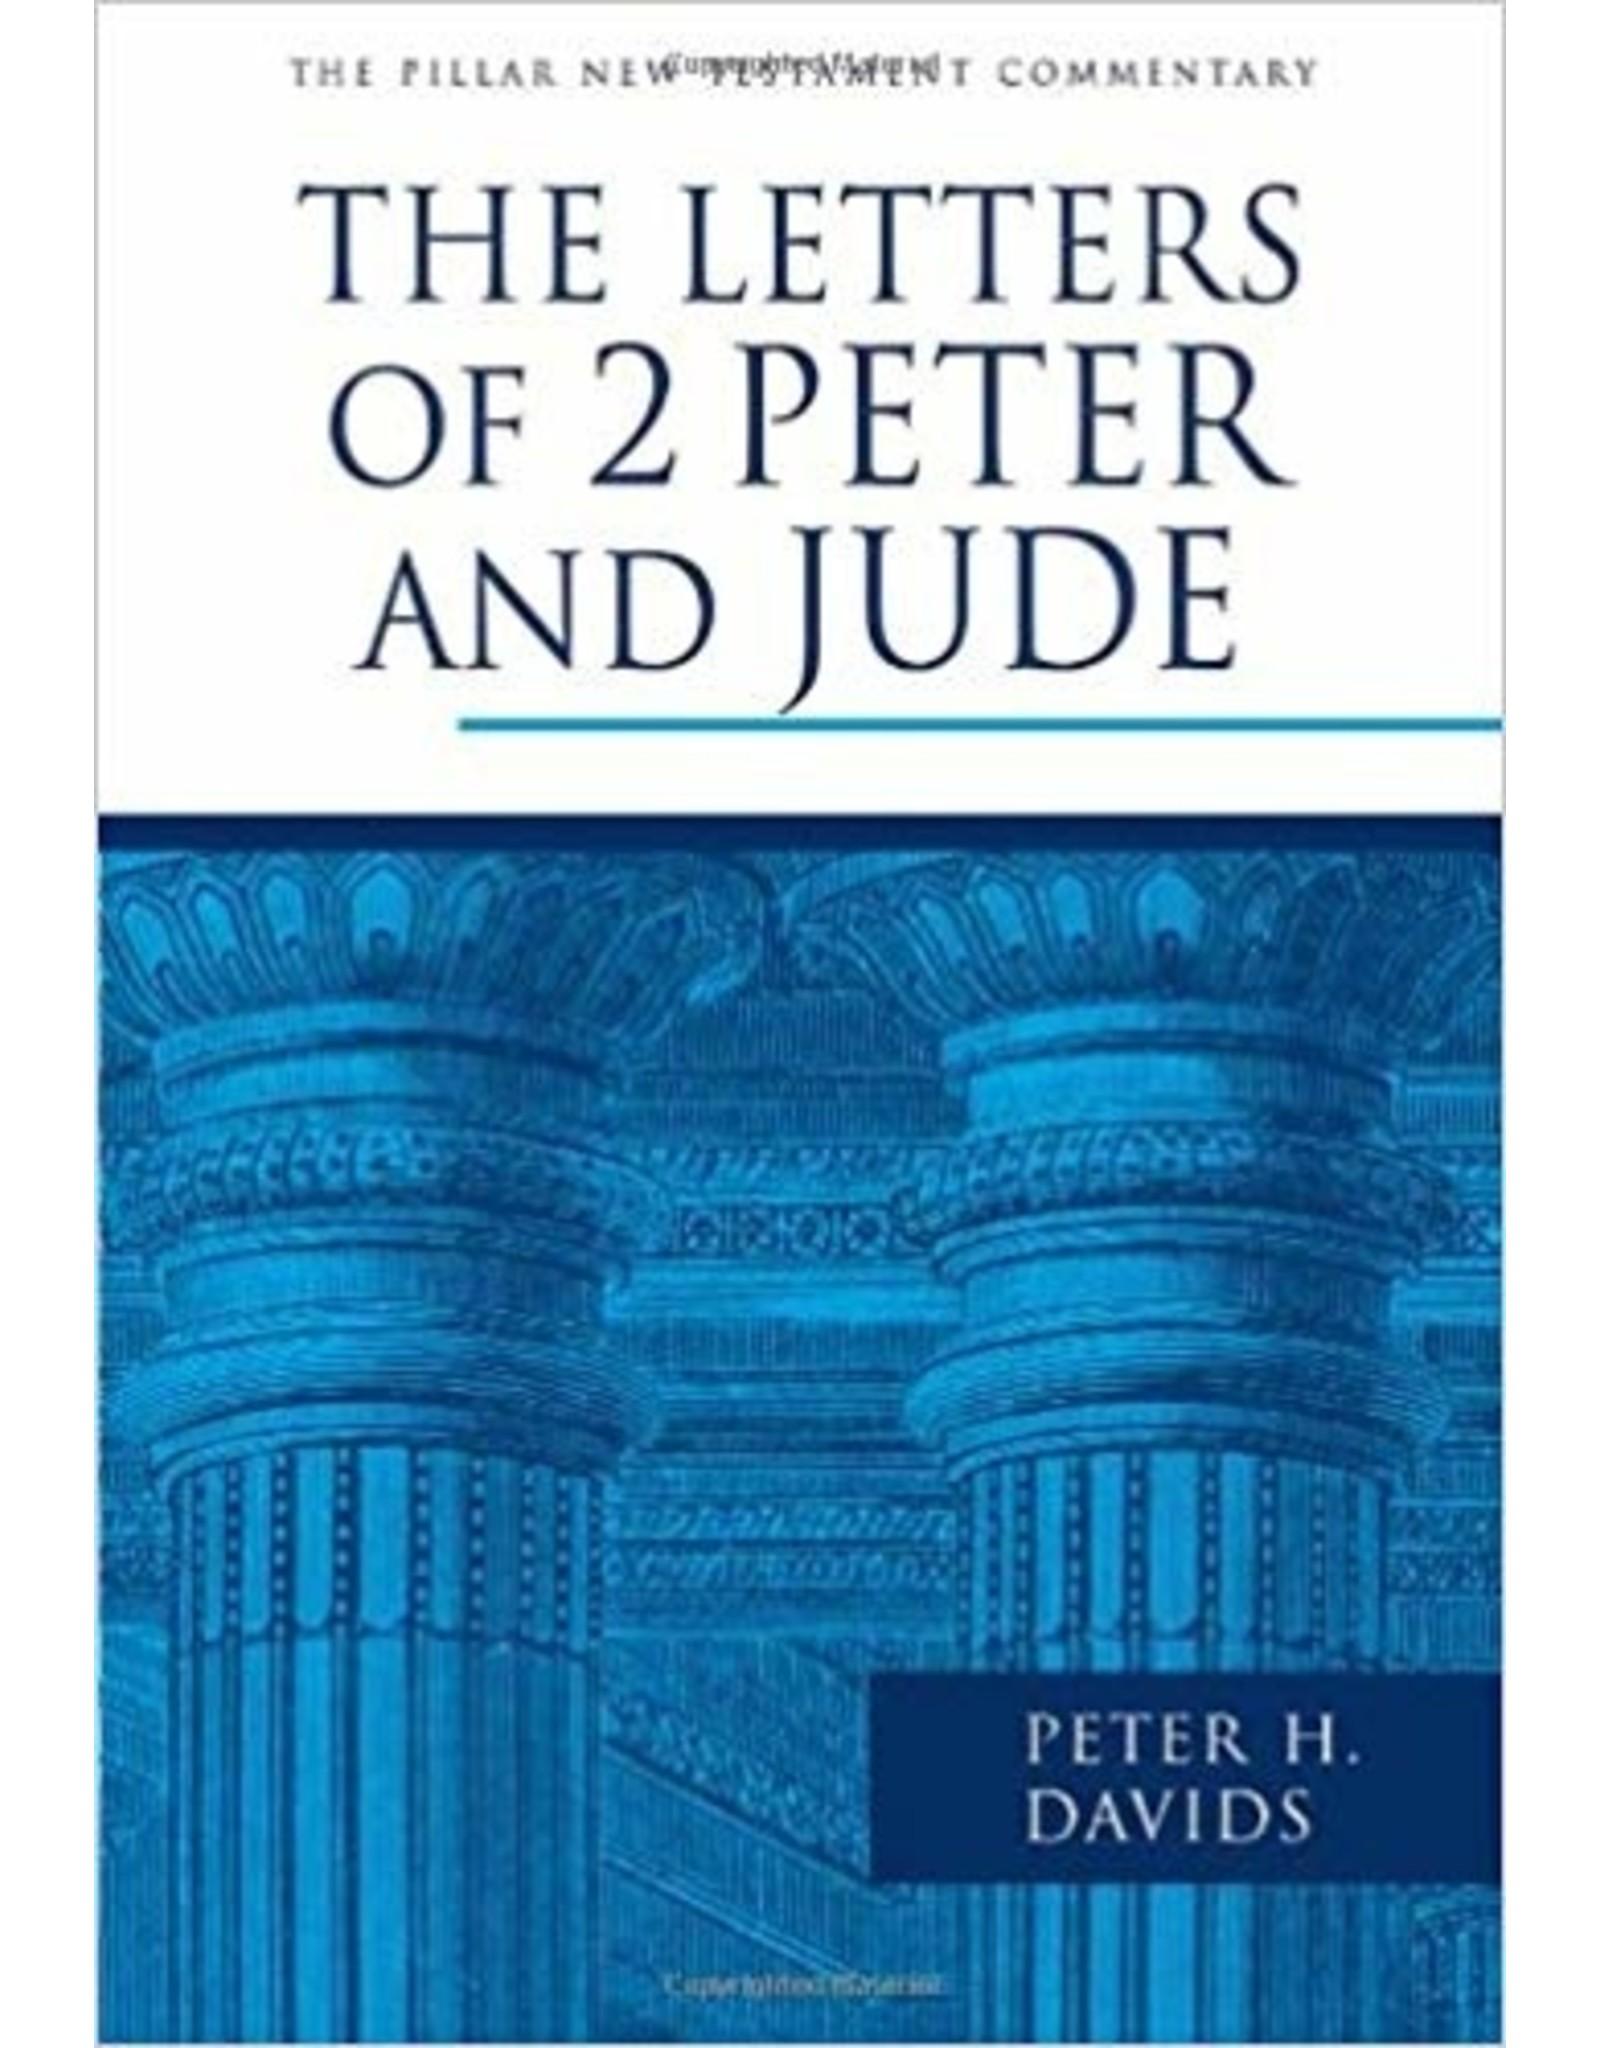 Davids Pillar Commentary - 2 Peter, Jude